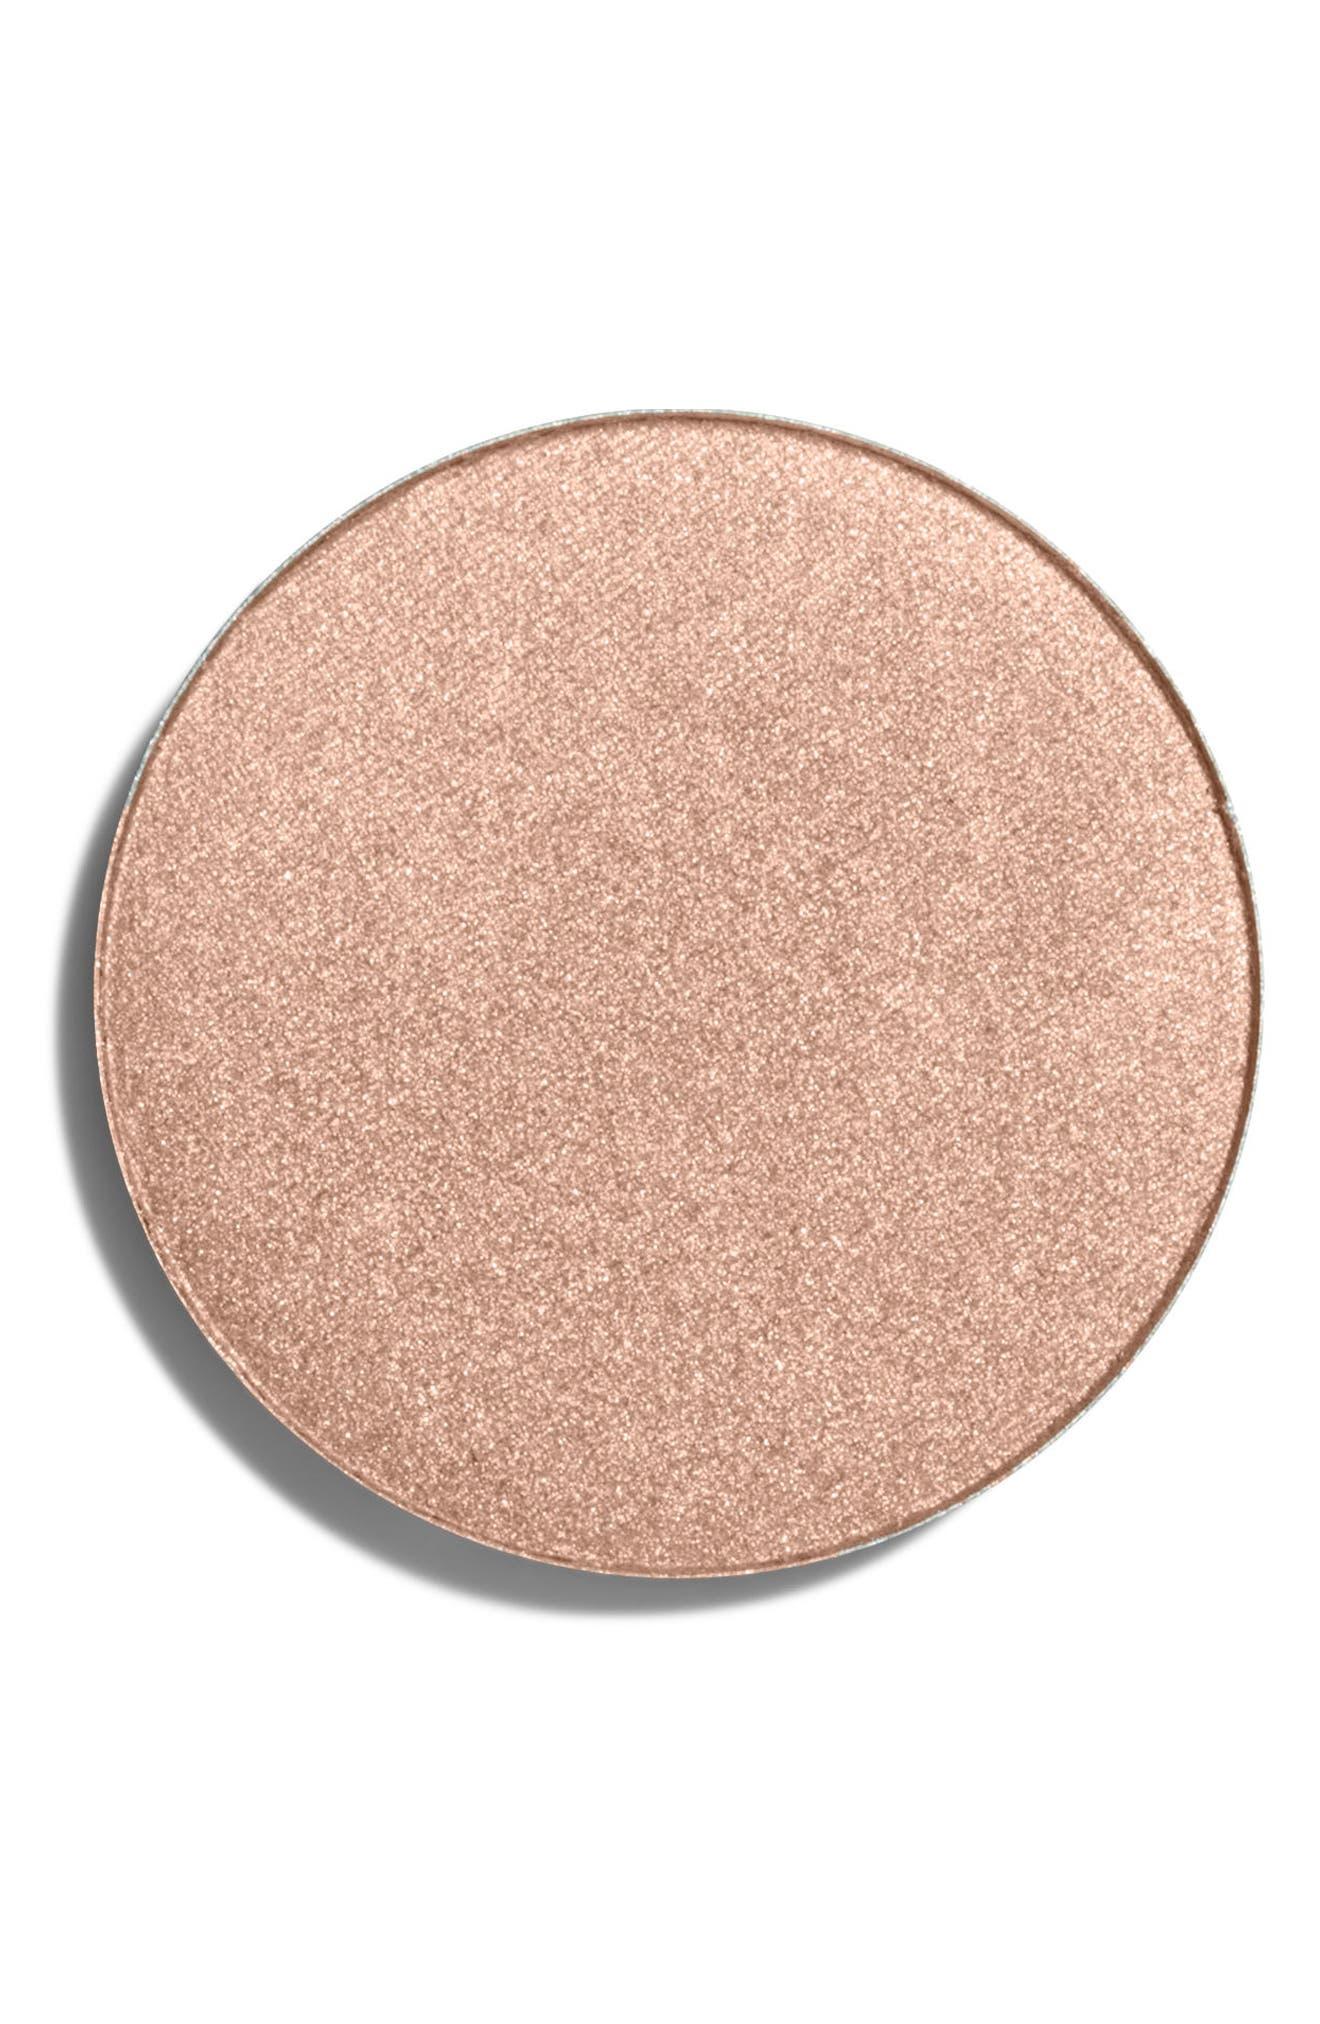 Iridescent Eye Shade Refill,                             Main thumbnail 1, color,                             Rose Gold